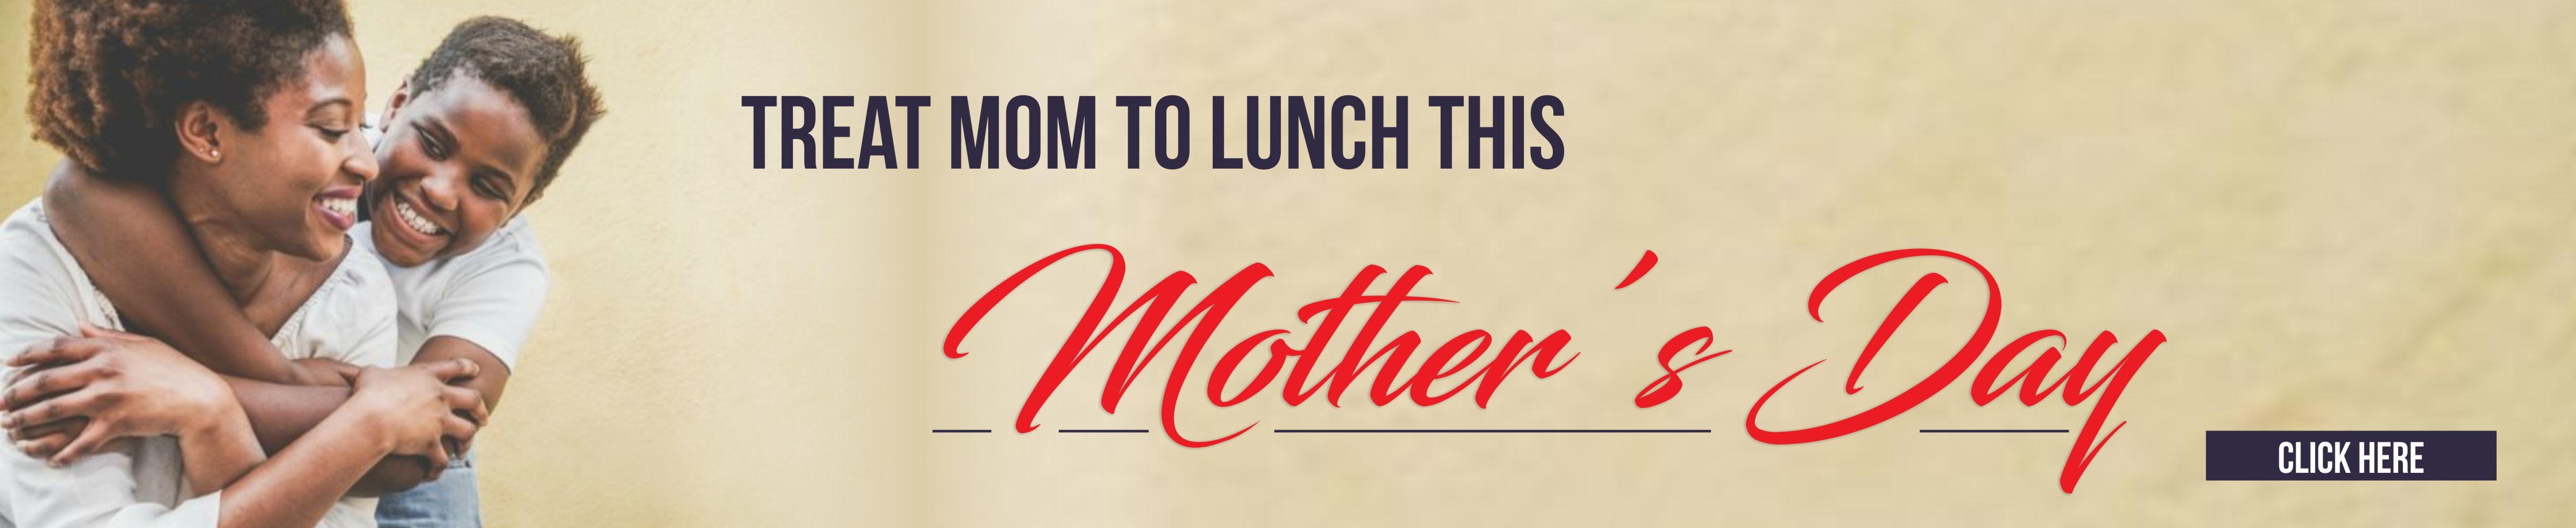 Mothers Day Lunch at Carnivore Restaurant Muldersdrift Gauteng